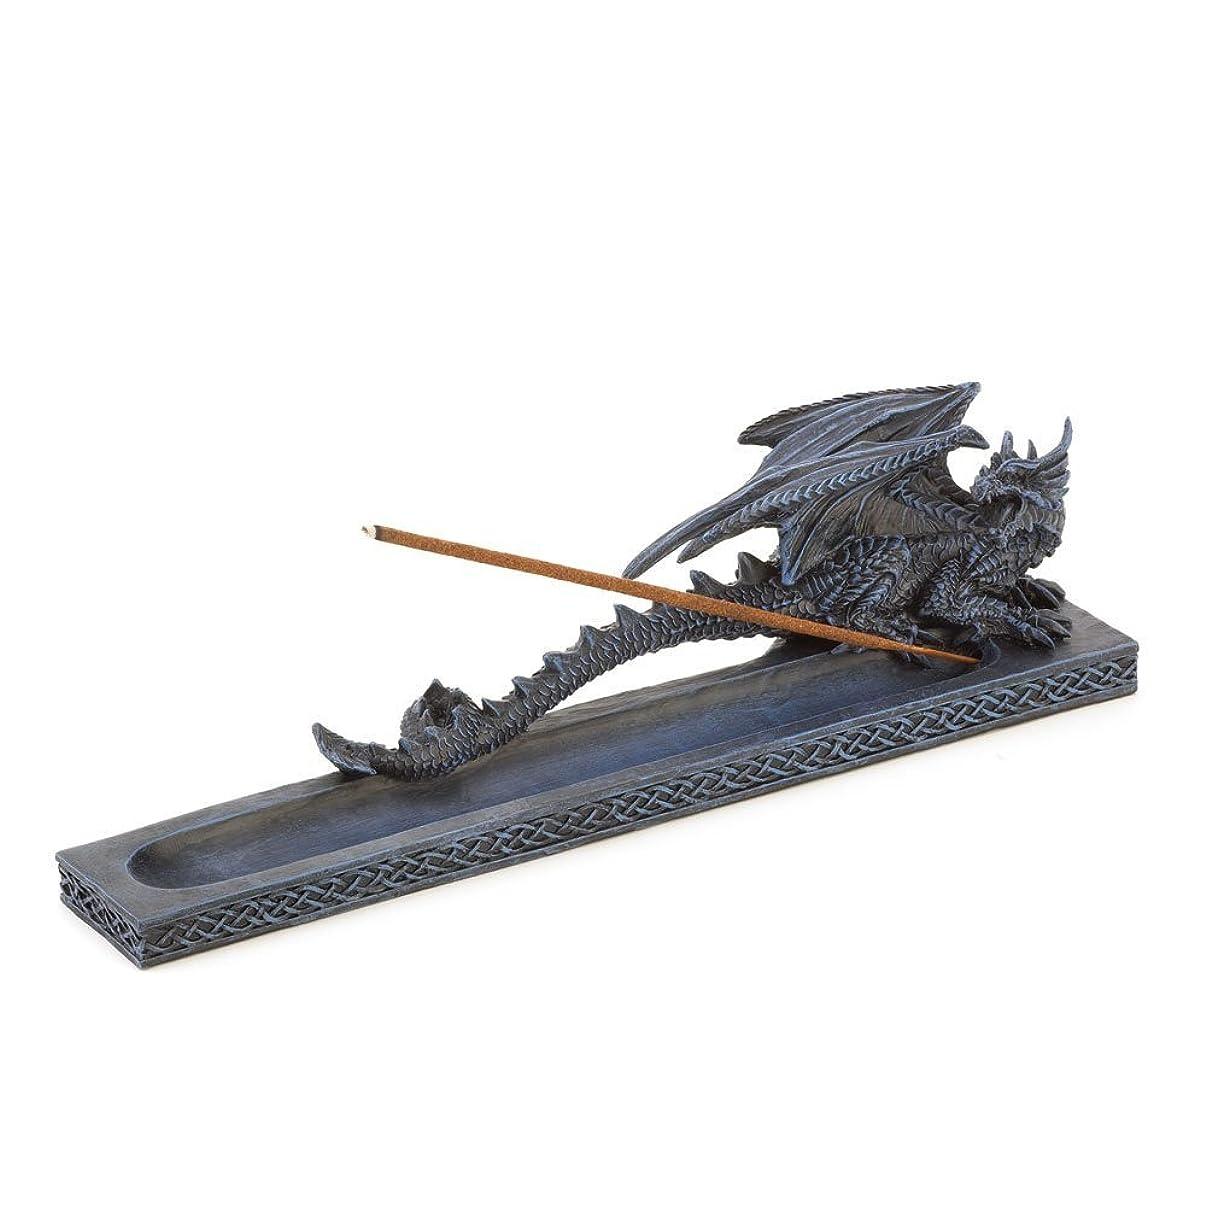 スタック相談する分離Incense Burners、樹脂ドラゴン香炉像for Incense Stick